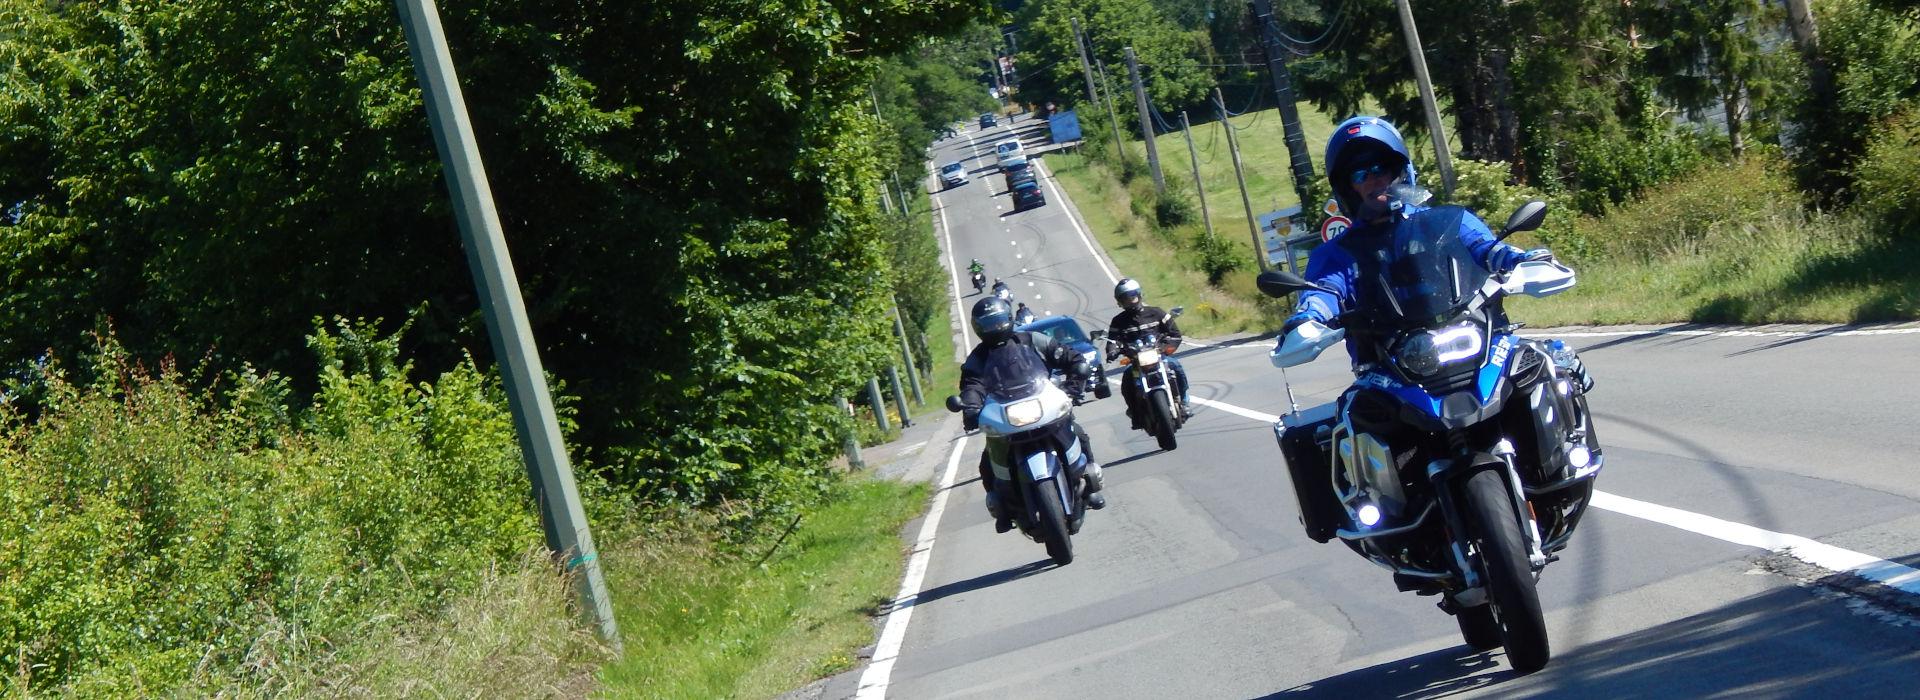 Motorrijbewijspoint Amsterdam snel motorrijbewijs halen